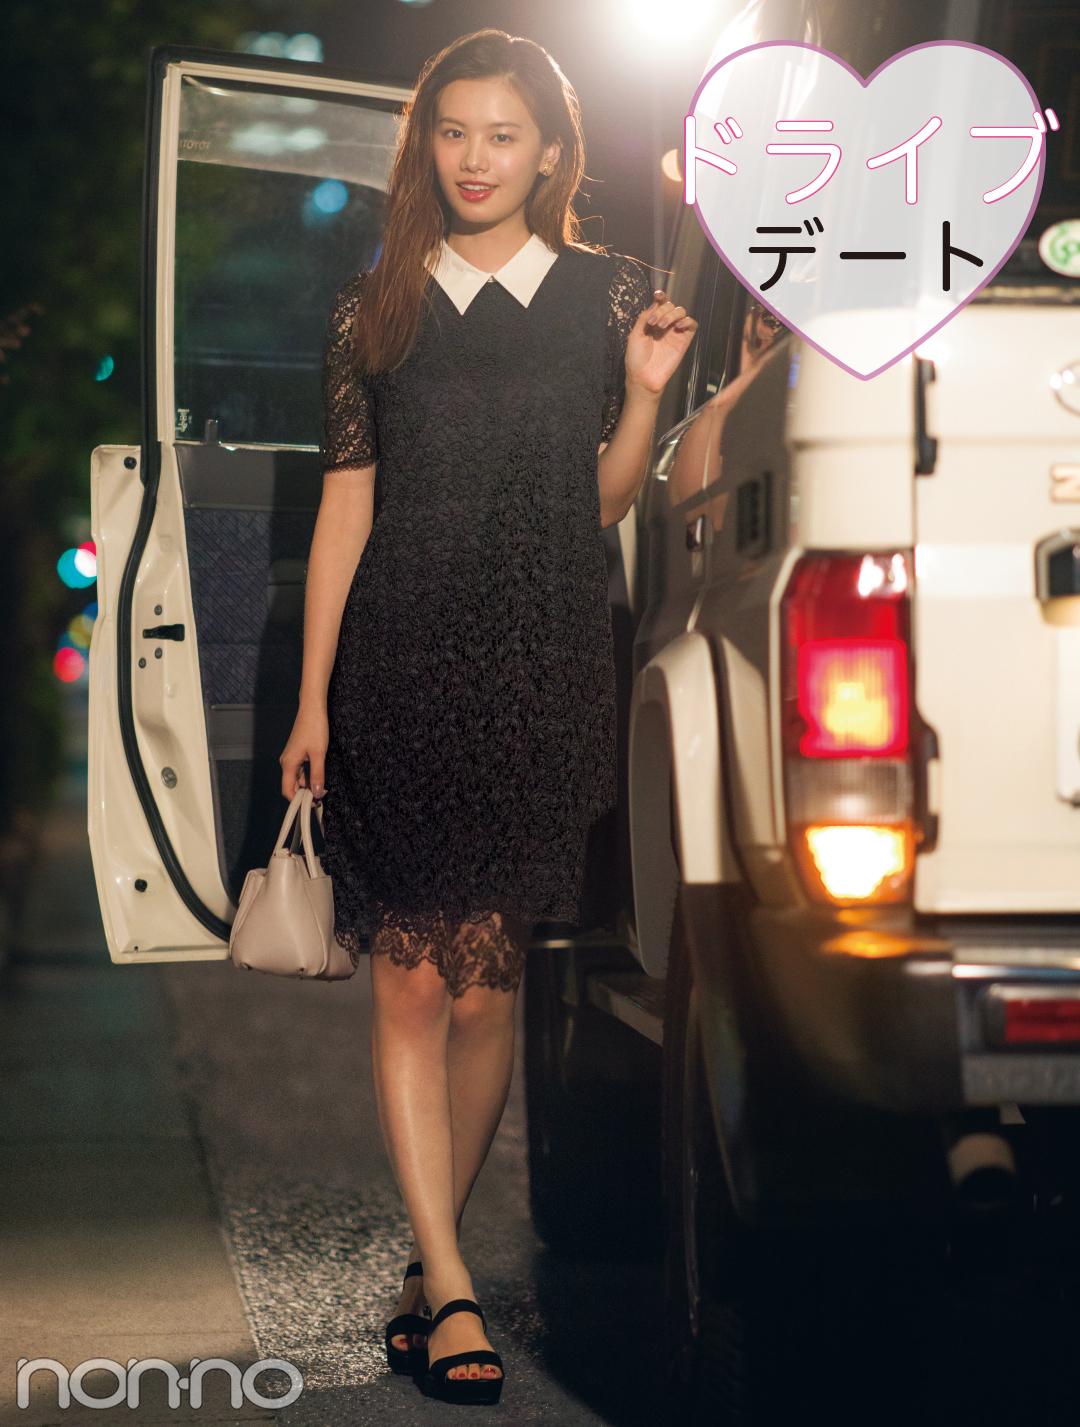 夜のデートスポット、服装のおすすめはちょい短め丈のワンピ!_1_3